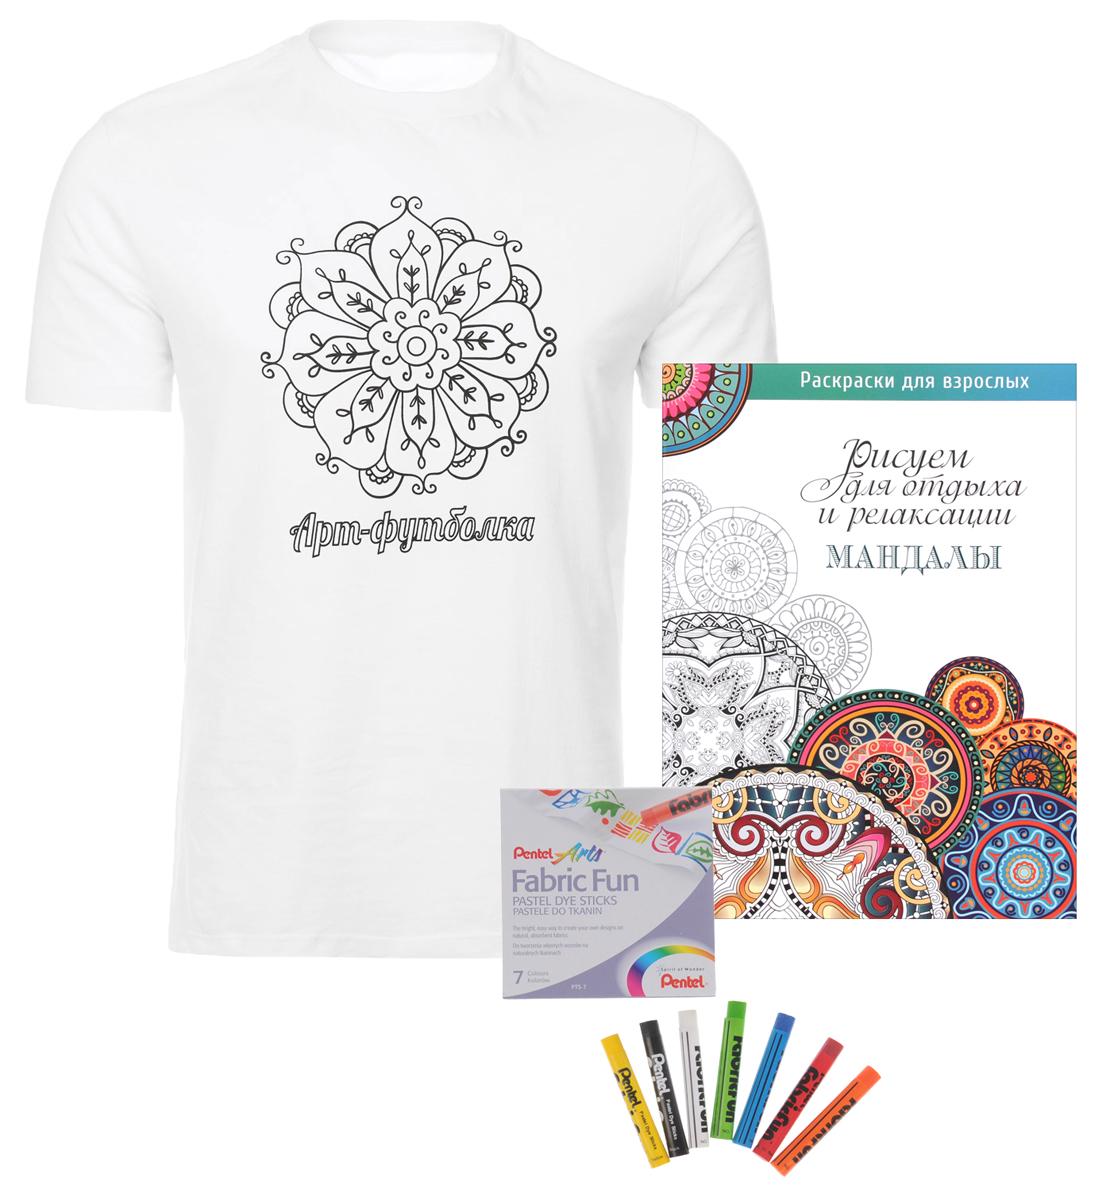 Мандалы. Рисуем для отдыха и релаксации (+ мелки + футболка размера M)